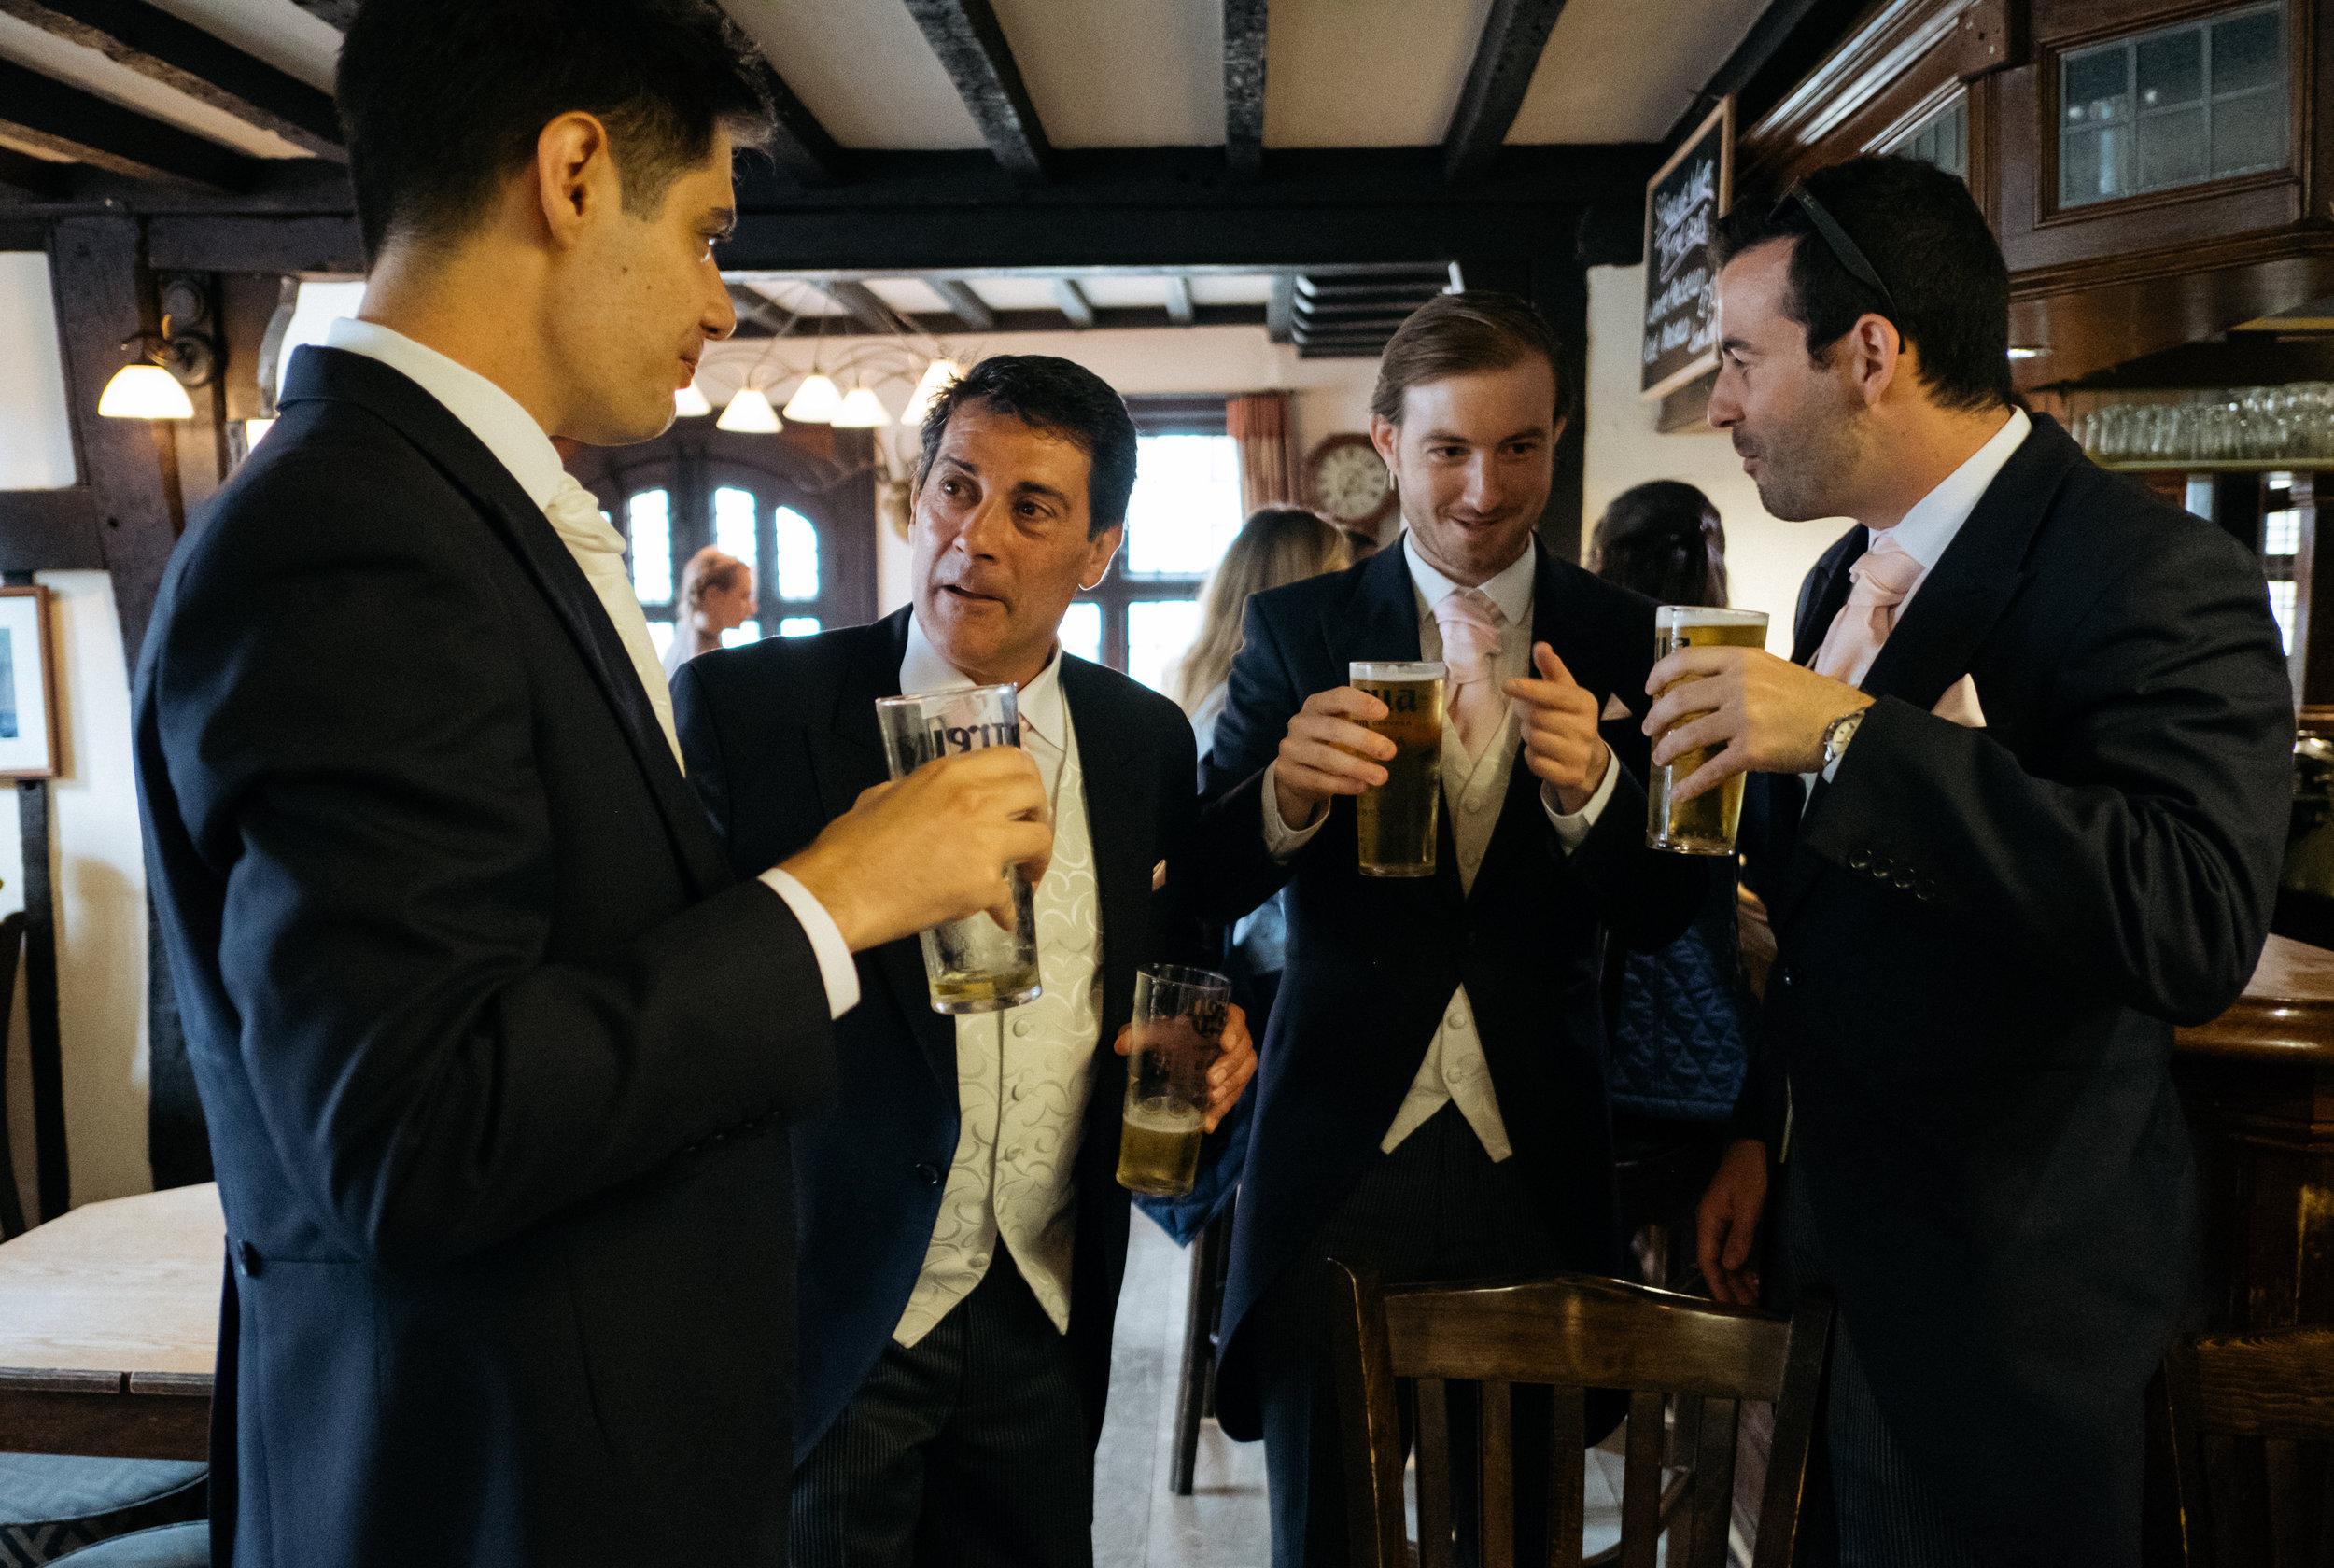 Groom and groomsmen sharing a pint of beer